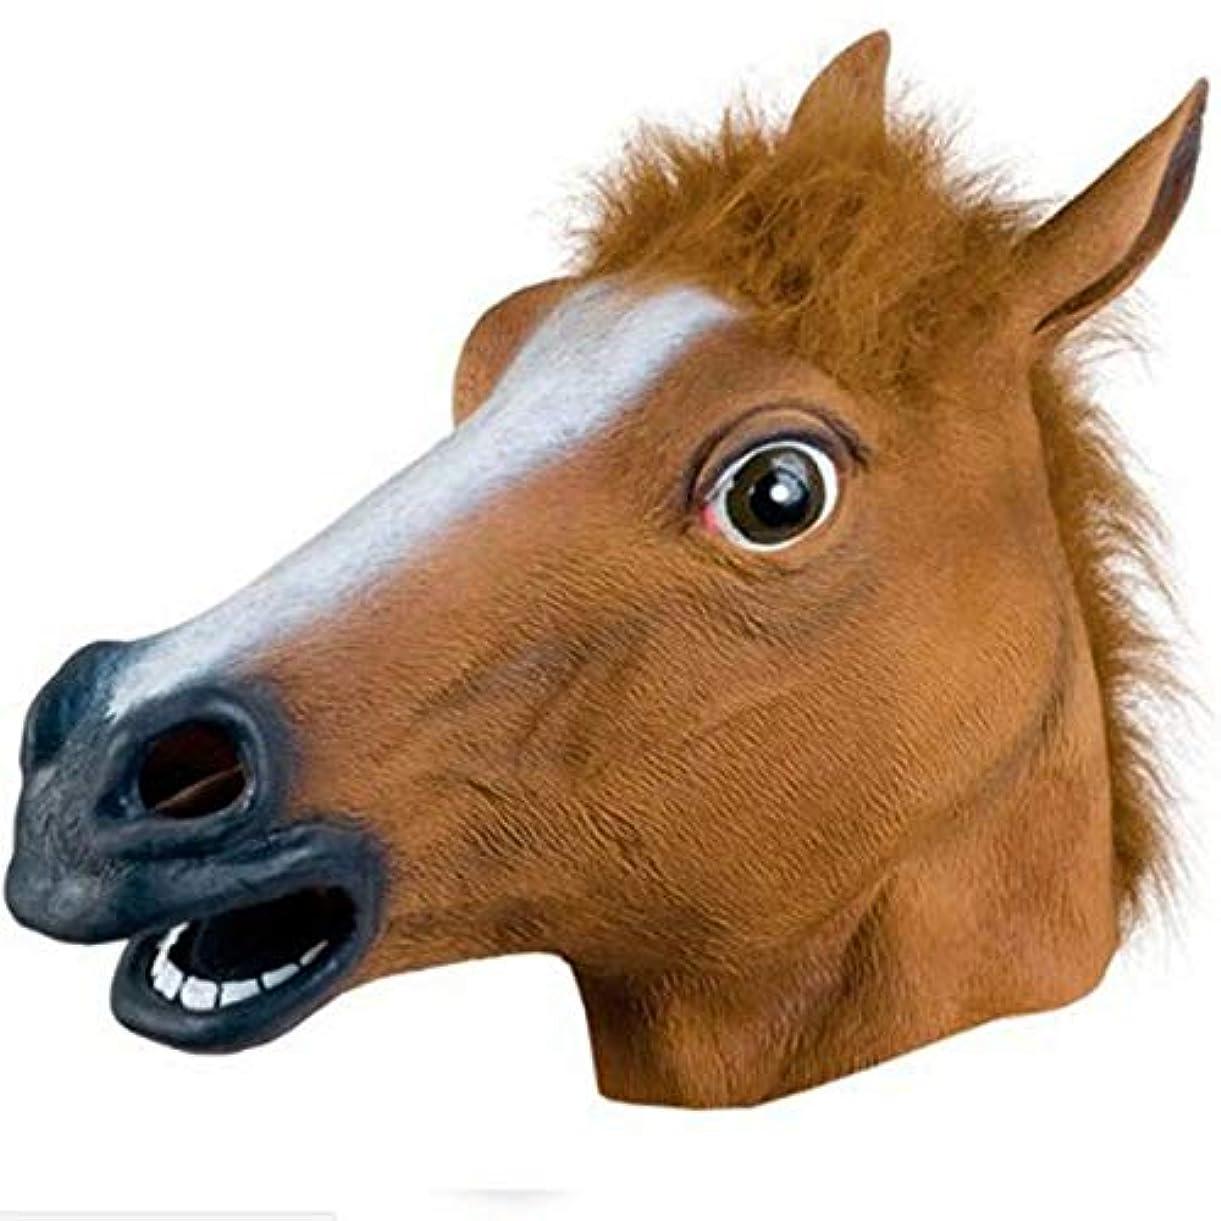 コイン赤育成馬の頭の仮面舞踏会おかしい面白いハロウィーンの馬の頭のマスクのかつら,ブラウン